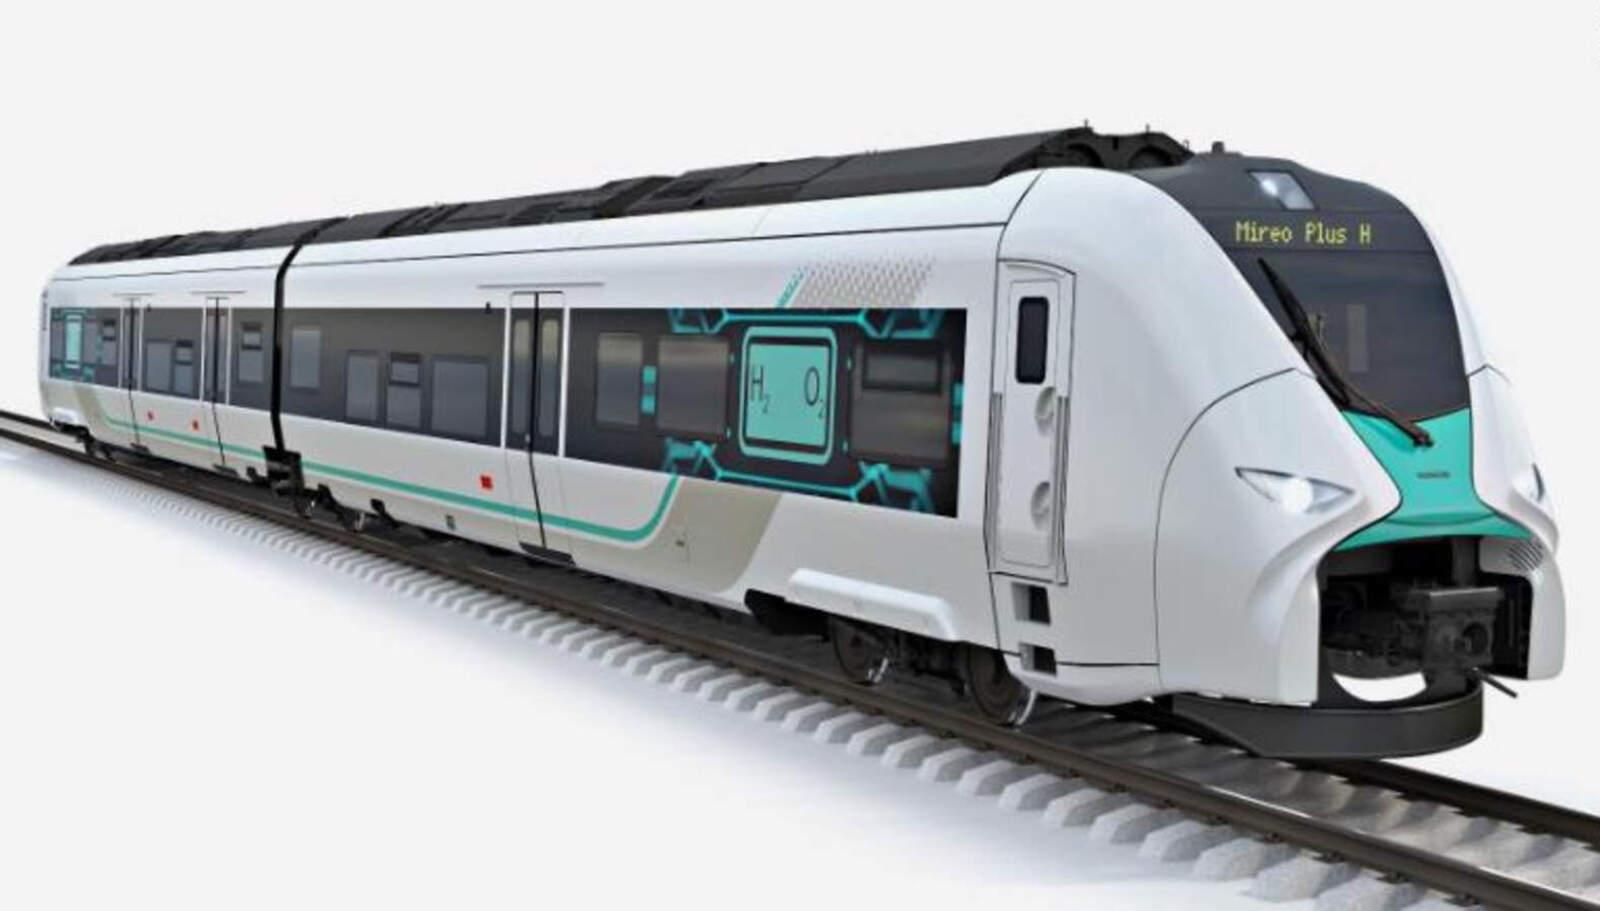 El Mireo Plus H de Siemens